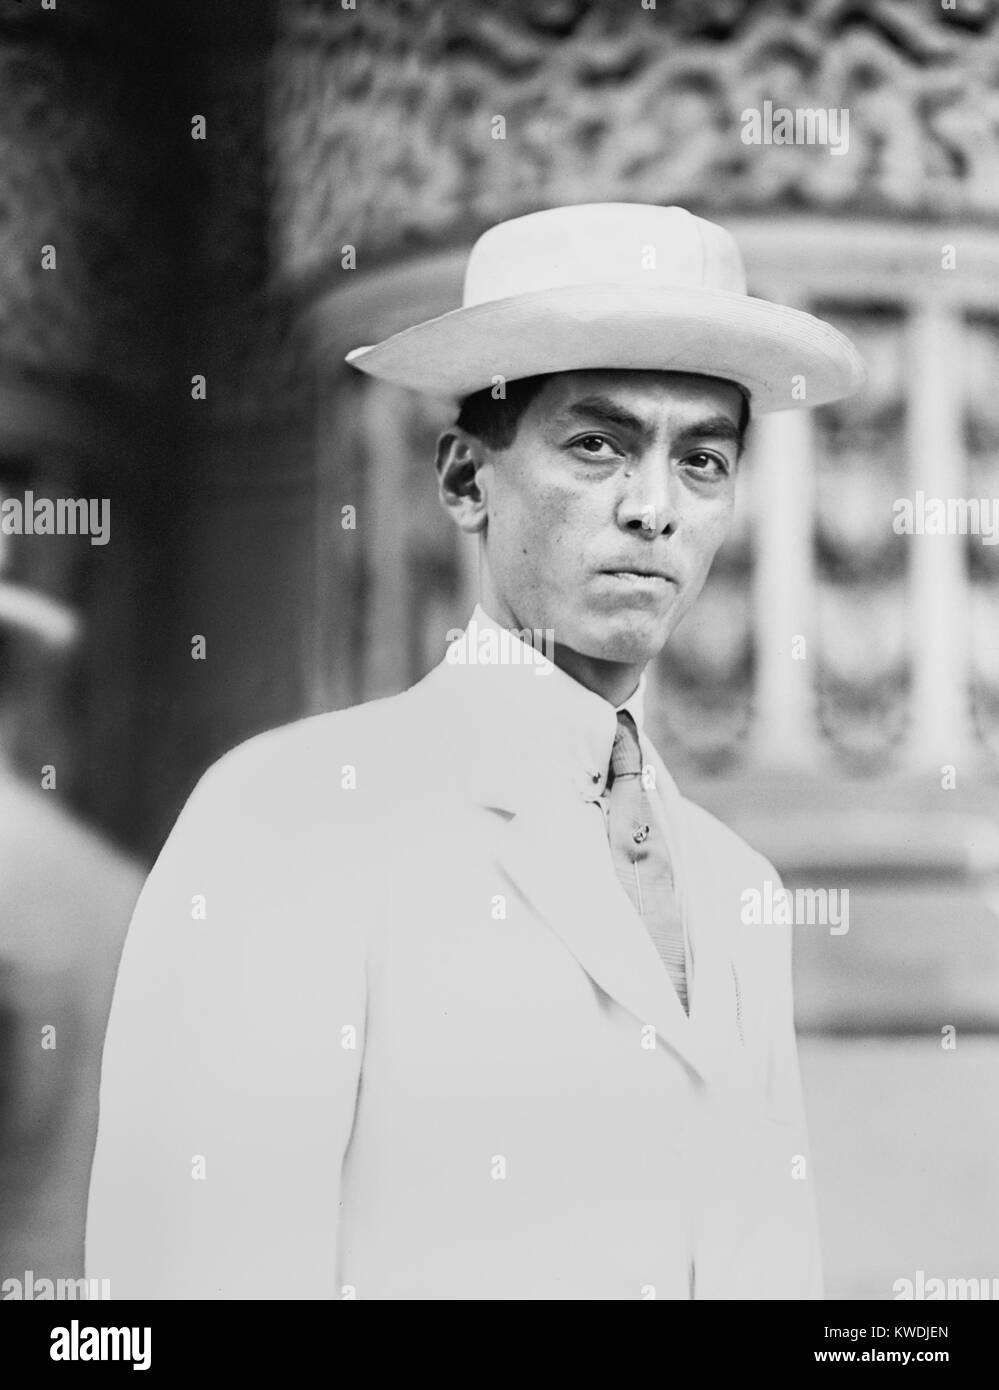 Manuel Quezon en 1912 cuando fue Comisionado Residente de las Filipinas. Él estaba en los EE.UU. asistieron Imagen De Stock